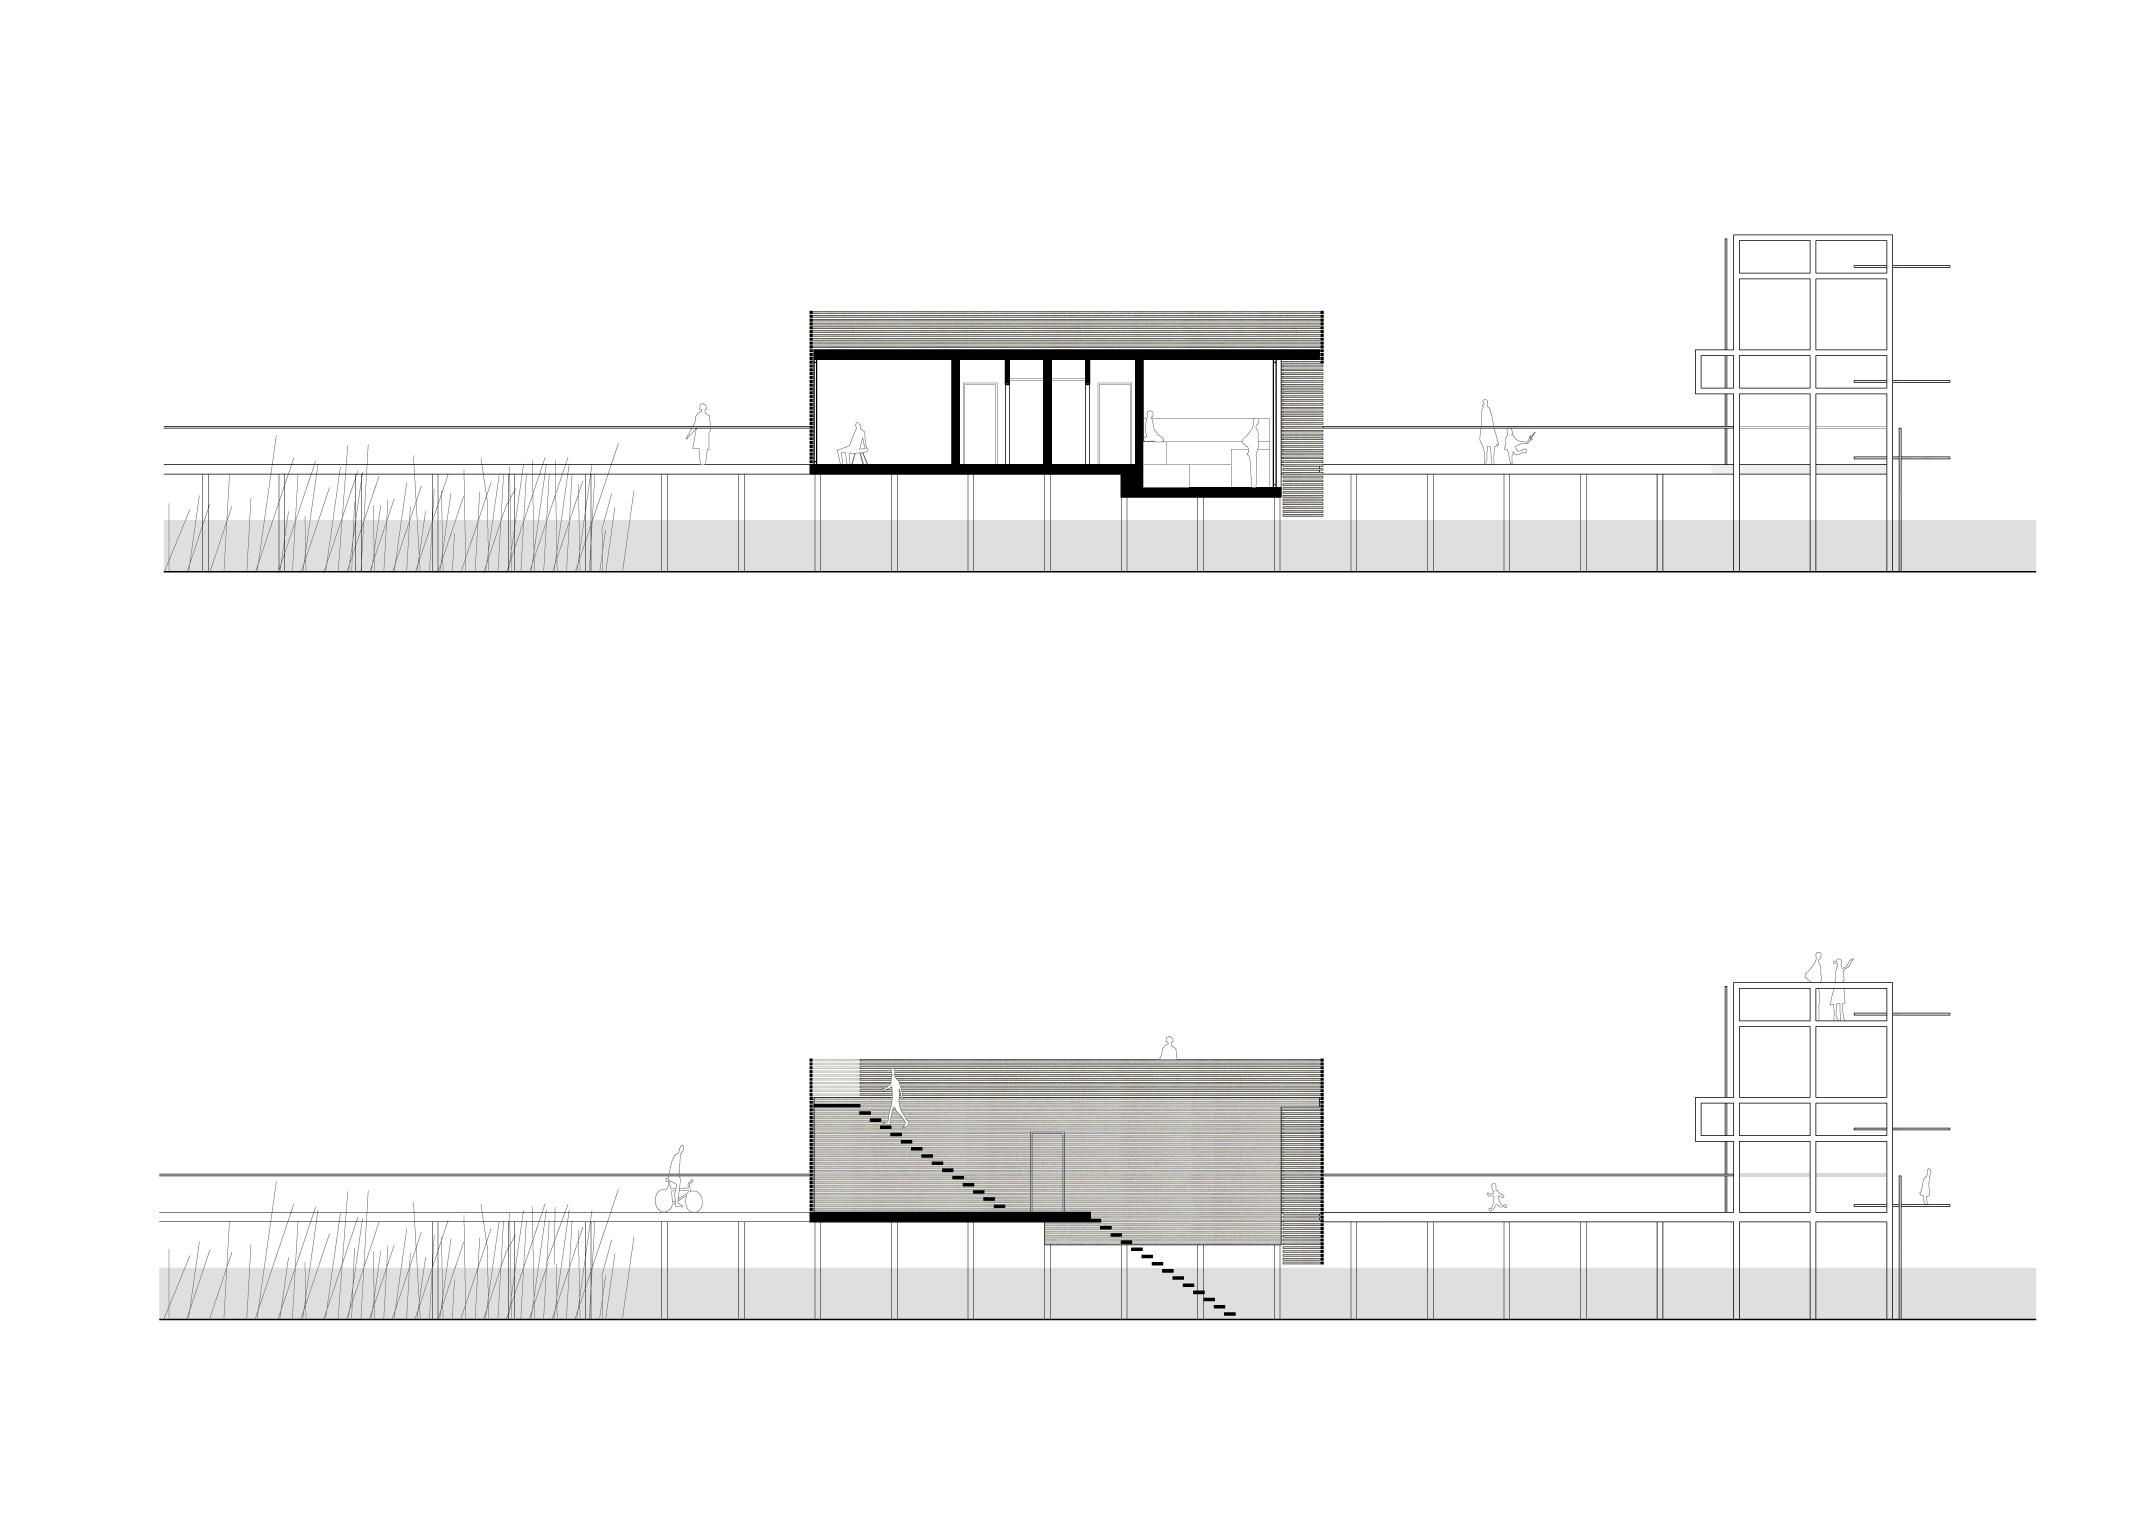 KUBIK Architektur - Studio für Architektur Berlin - architecture - Projekt - Seesauna - Schnitt